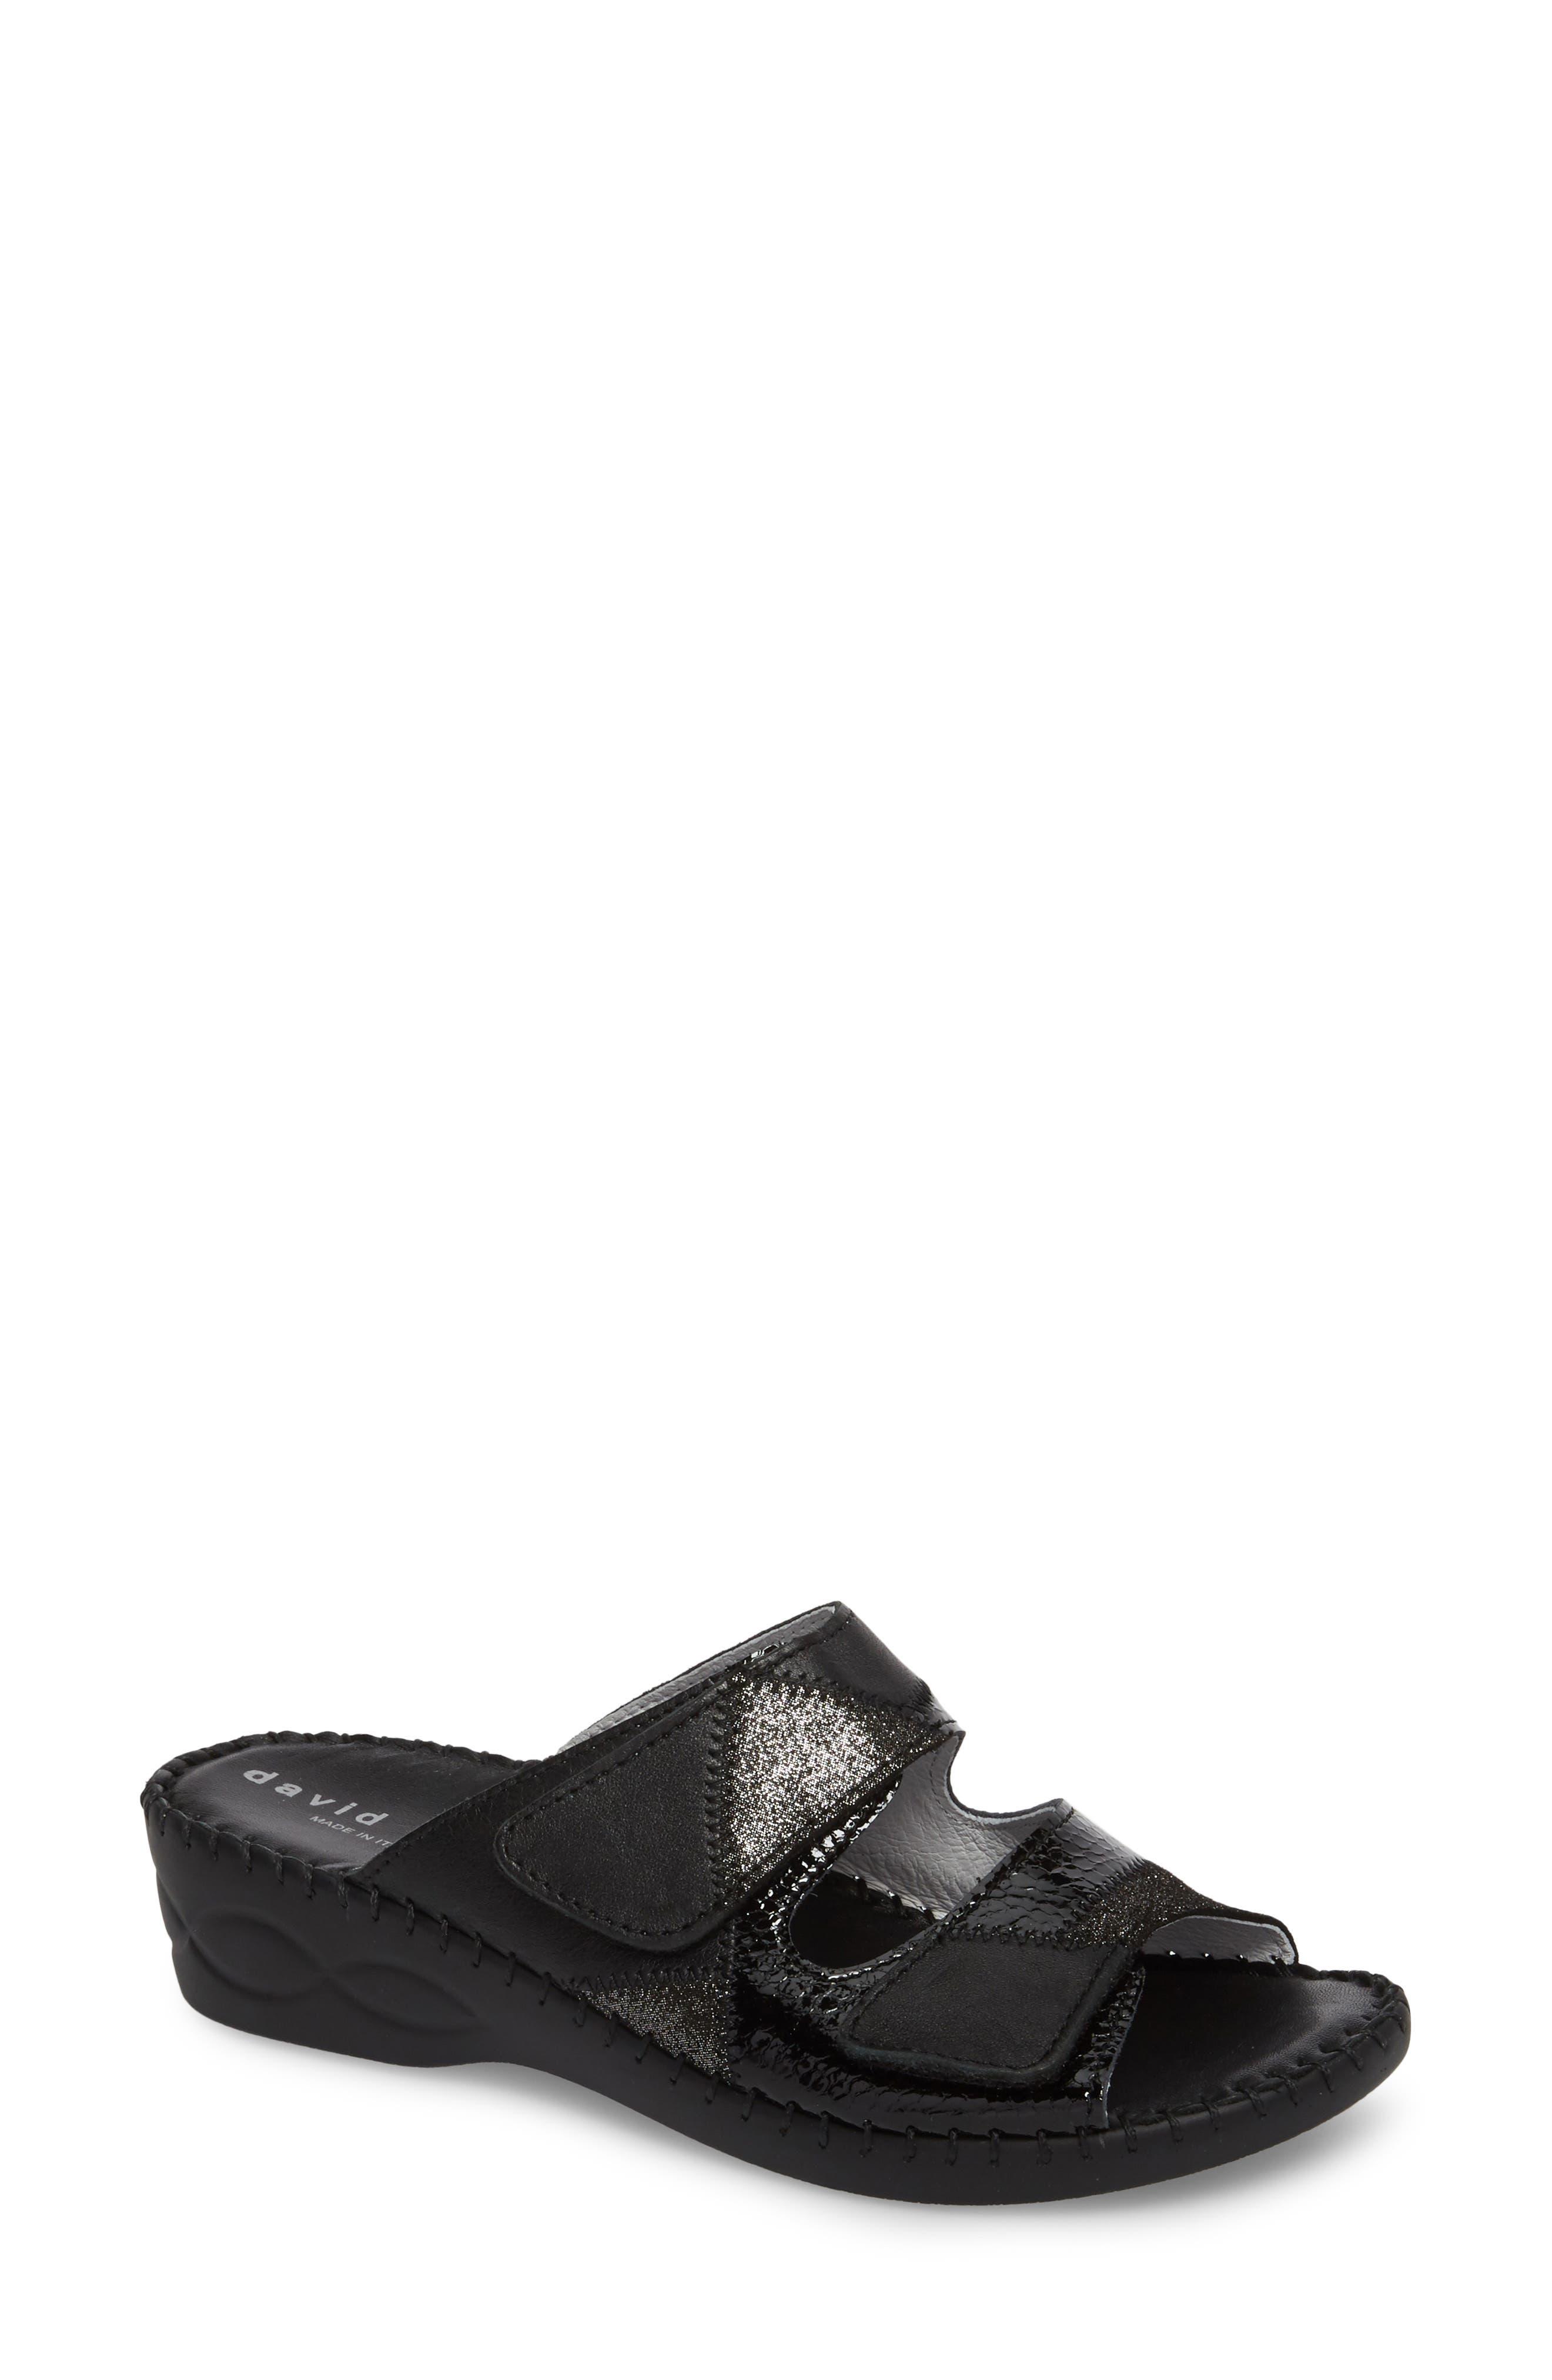 Flex Slide Sandal,                         Main,                         color, BLACK LEATHER